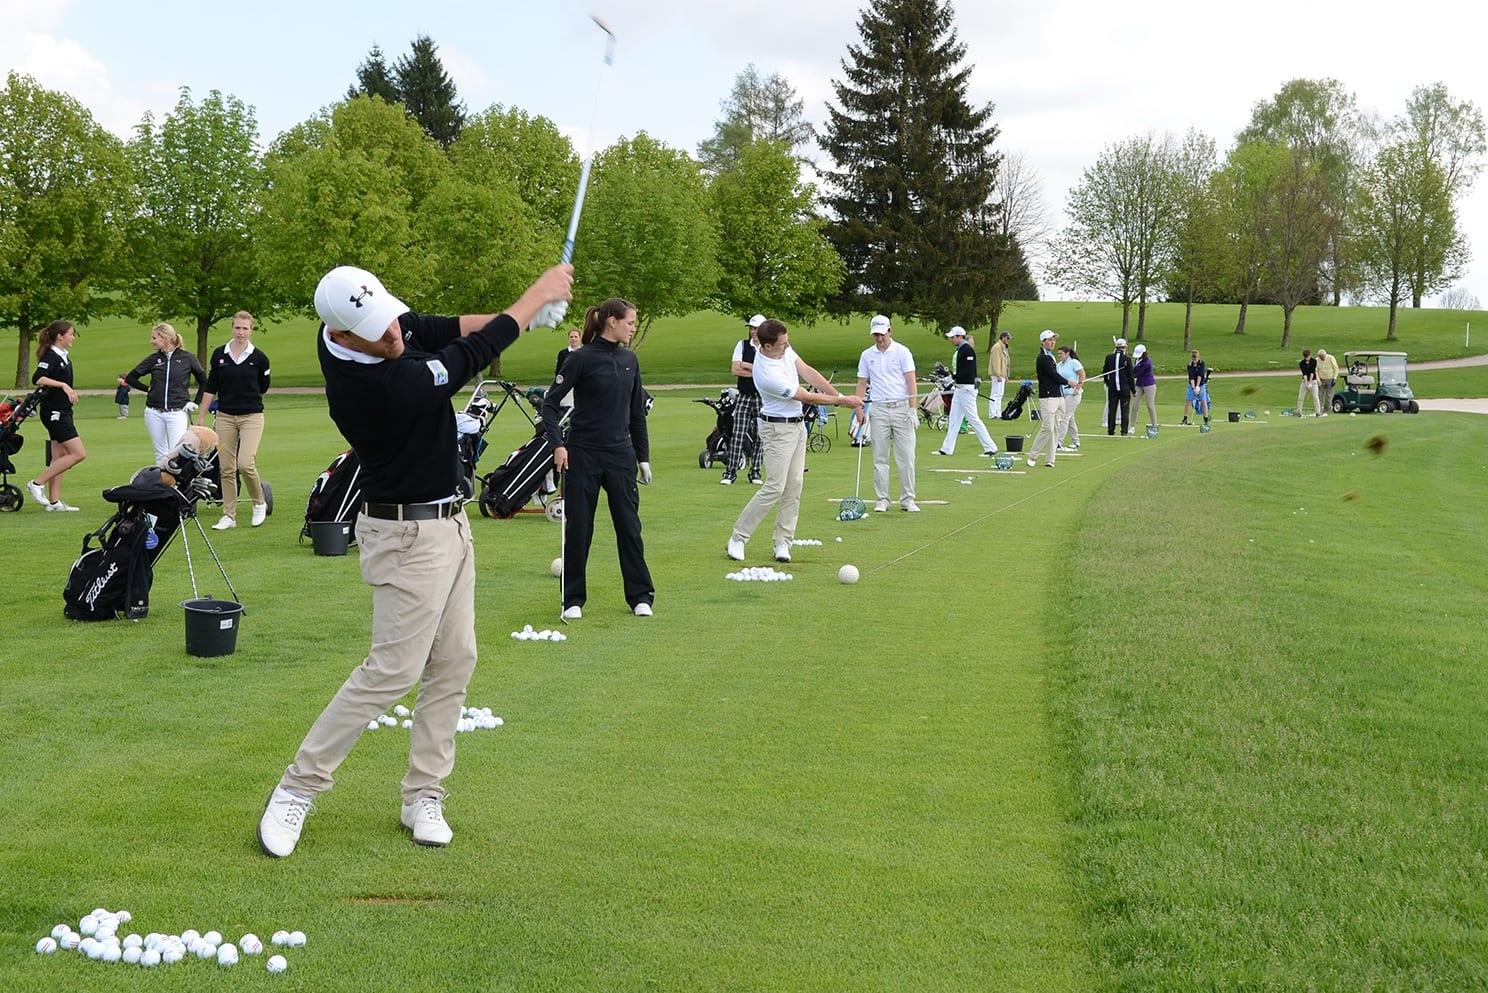 Hier sieht man Golfspieler beim Abschlag auf der Drivingrange.